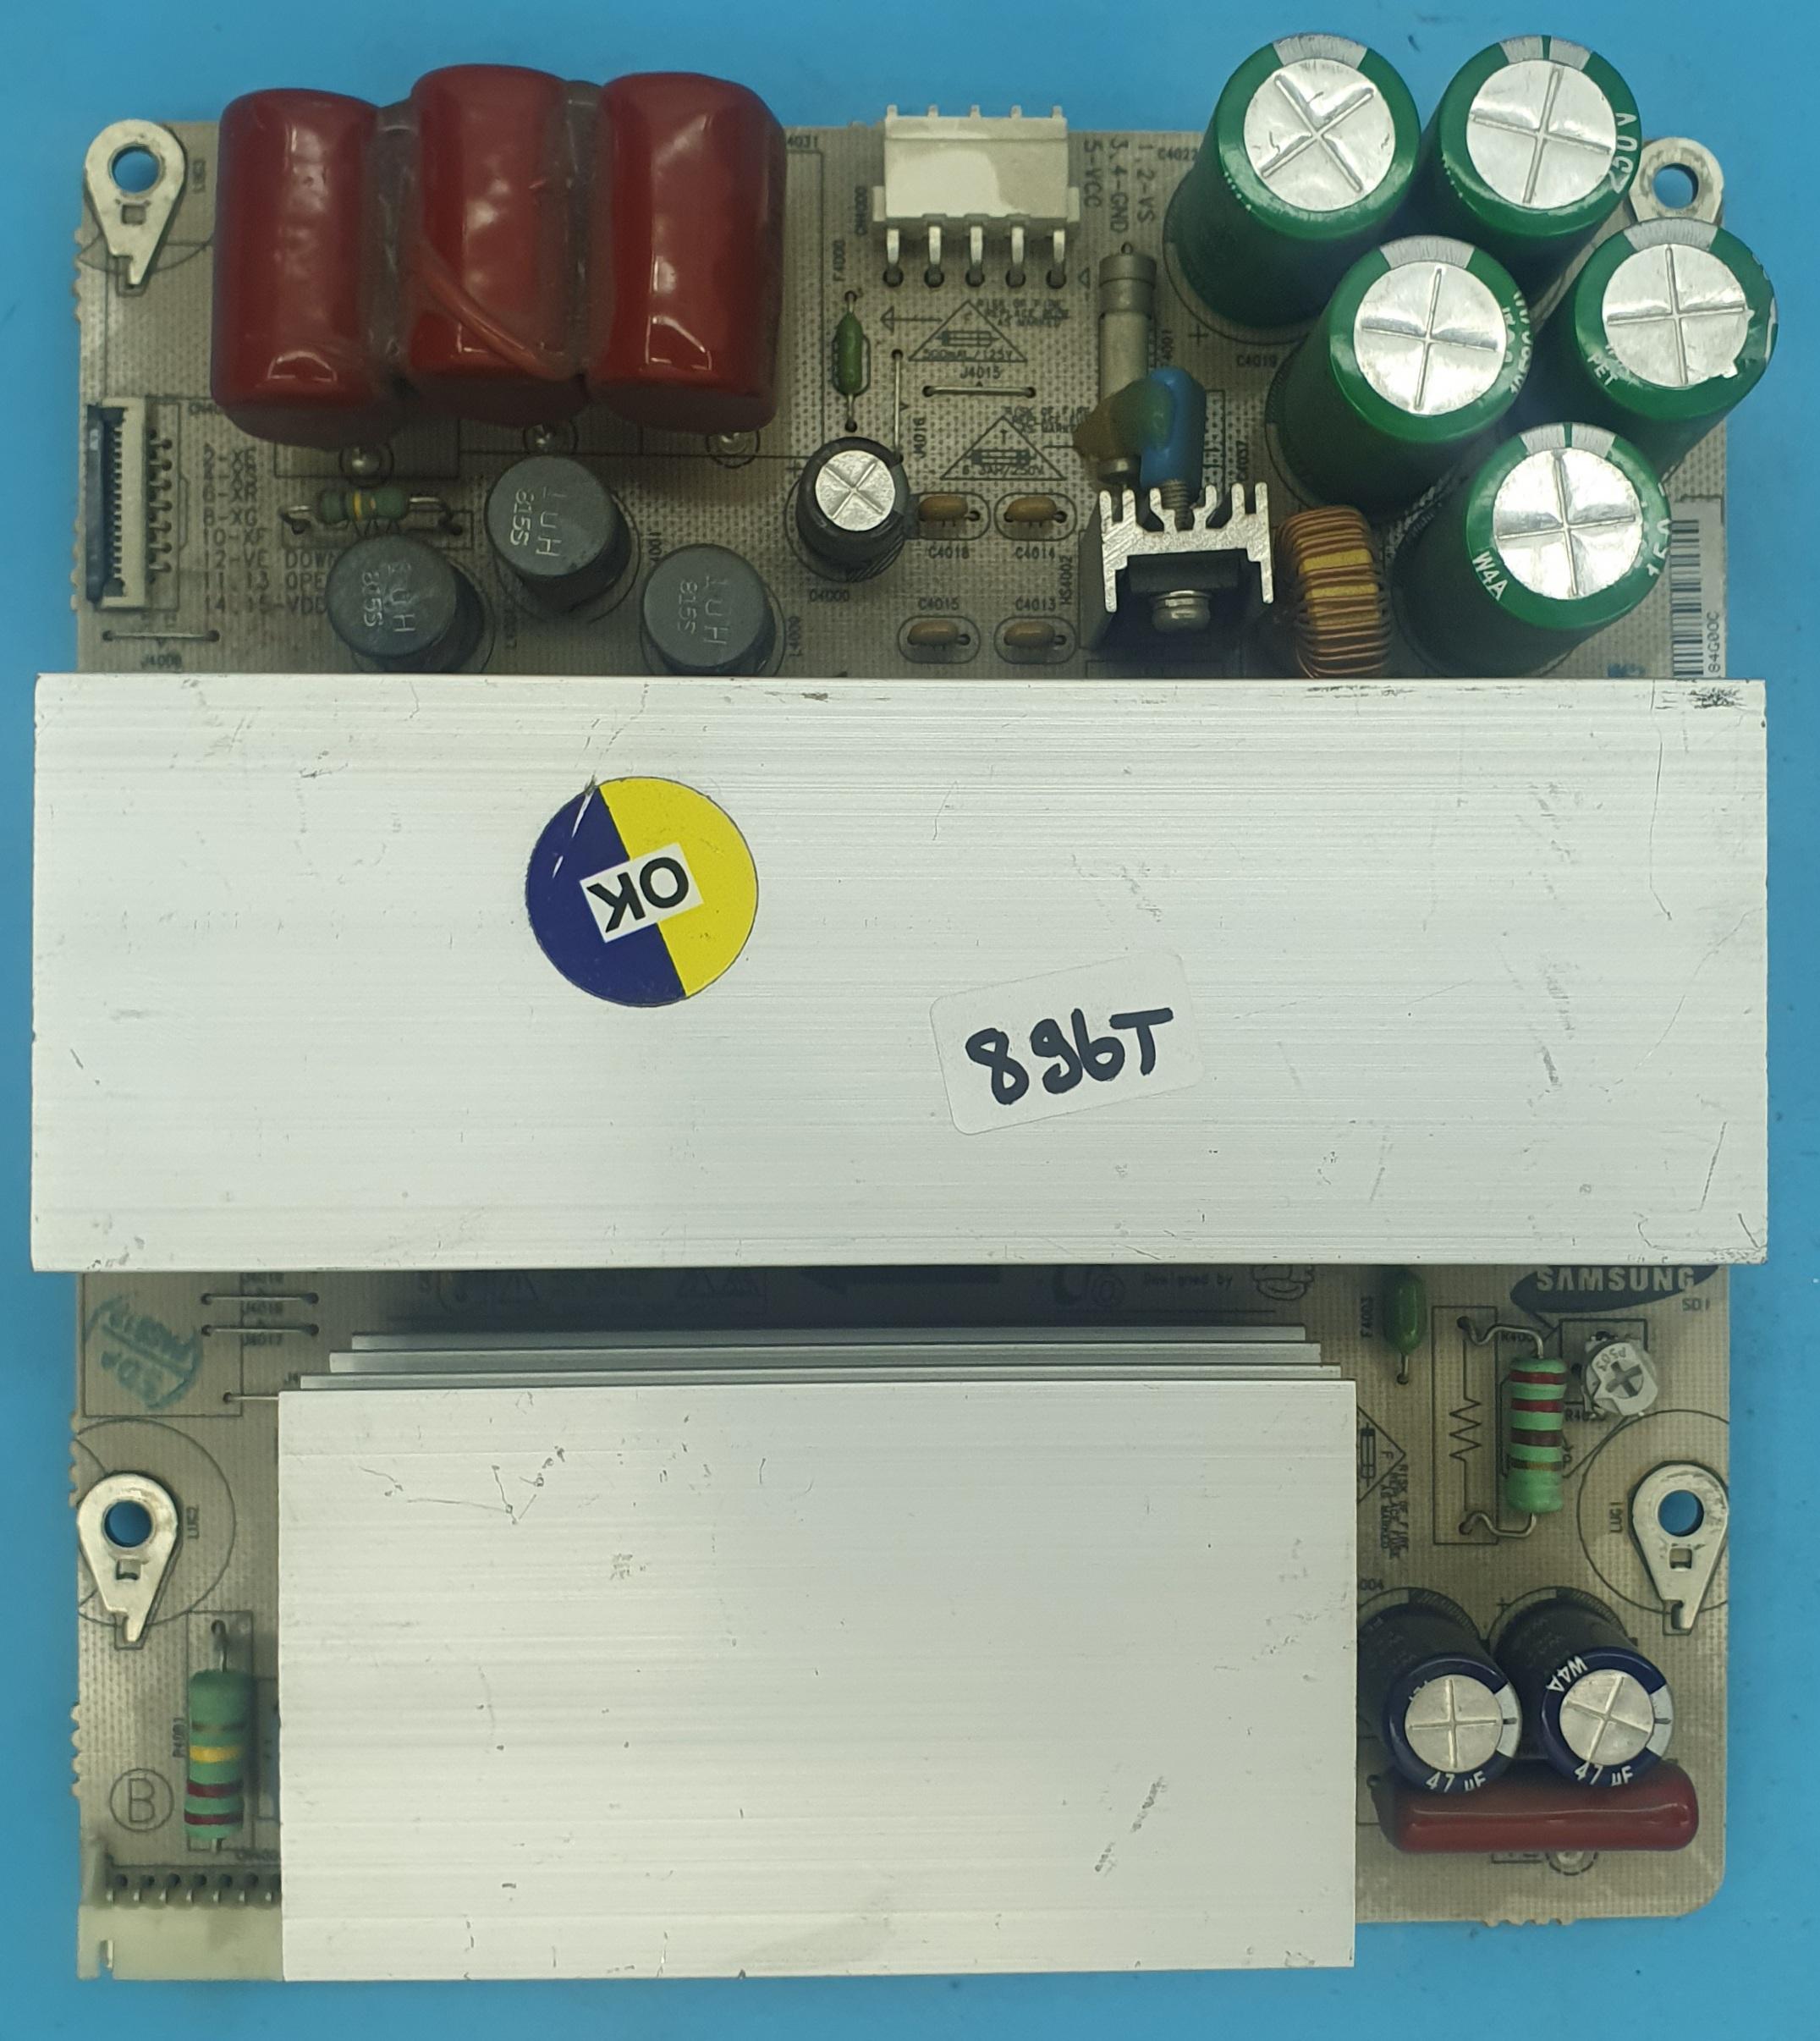 LJ41-05076A Samsung Z-SUS (KDV DAHİL = 118 TL)